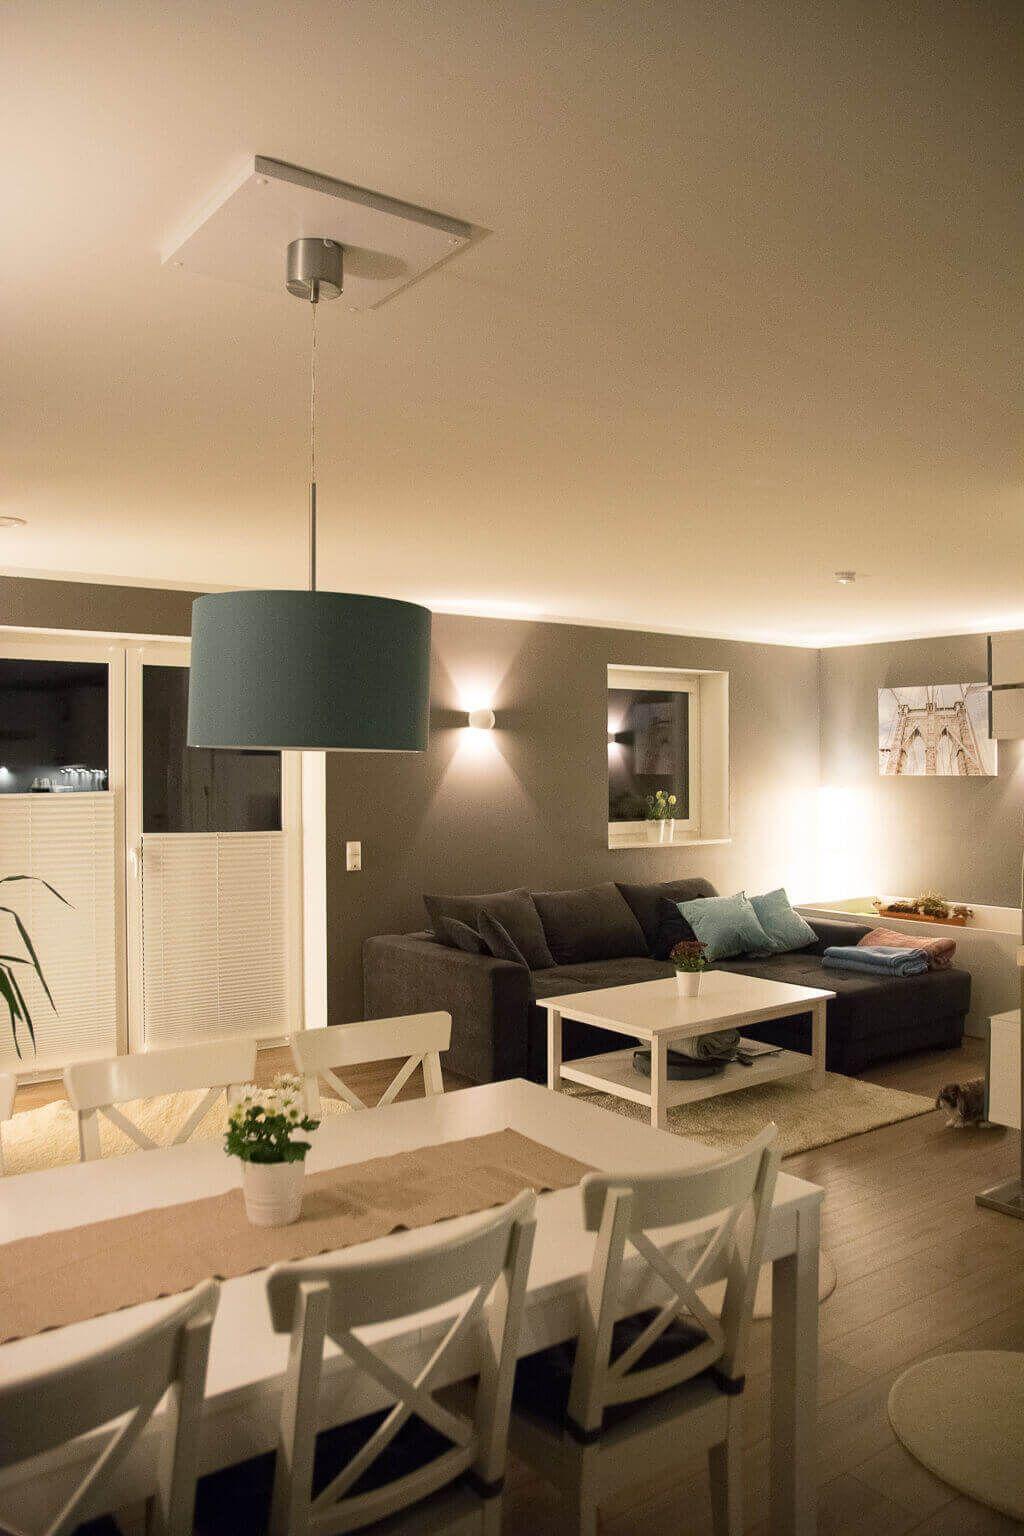 wohnzimmer streichen nach zwei jahren lust auf was neues home wohnzimmer wandfarbe. Black Bedroom Furniture Sets. Home Design Ideas